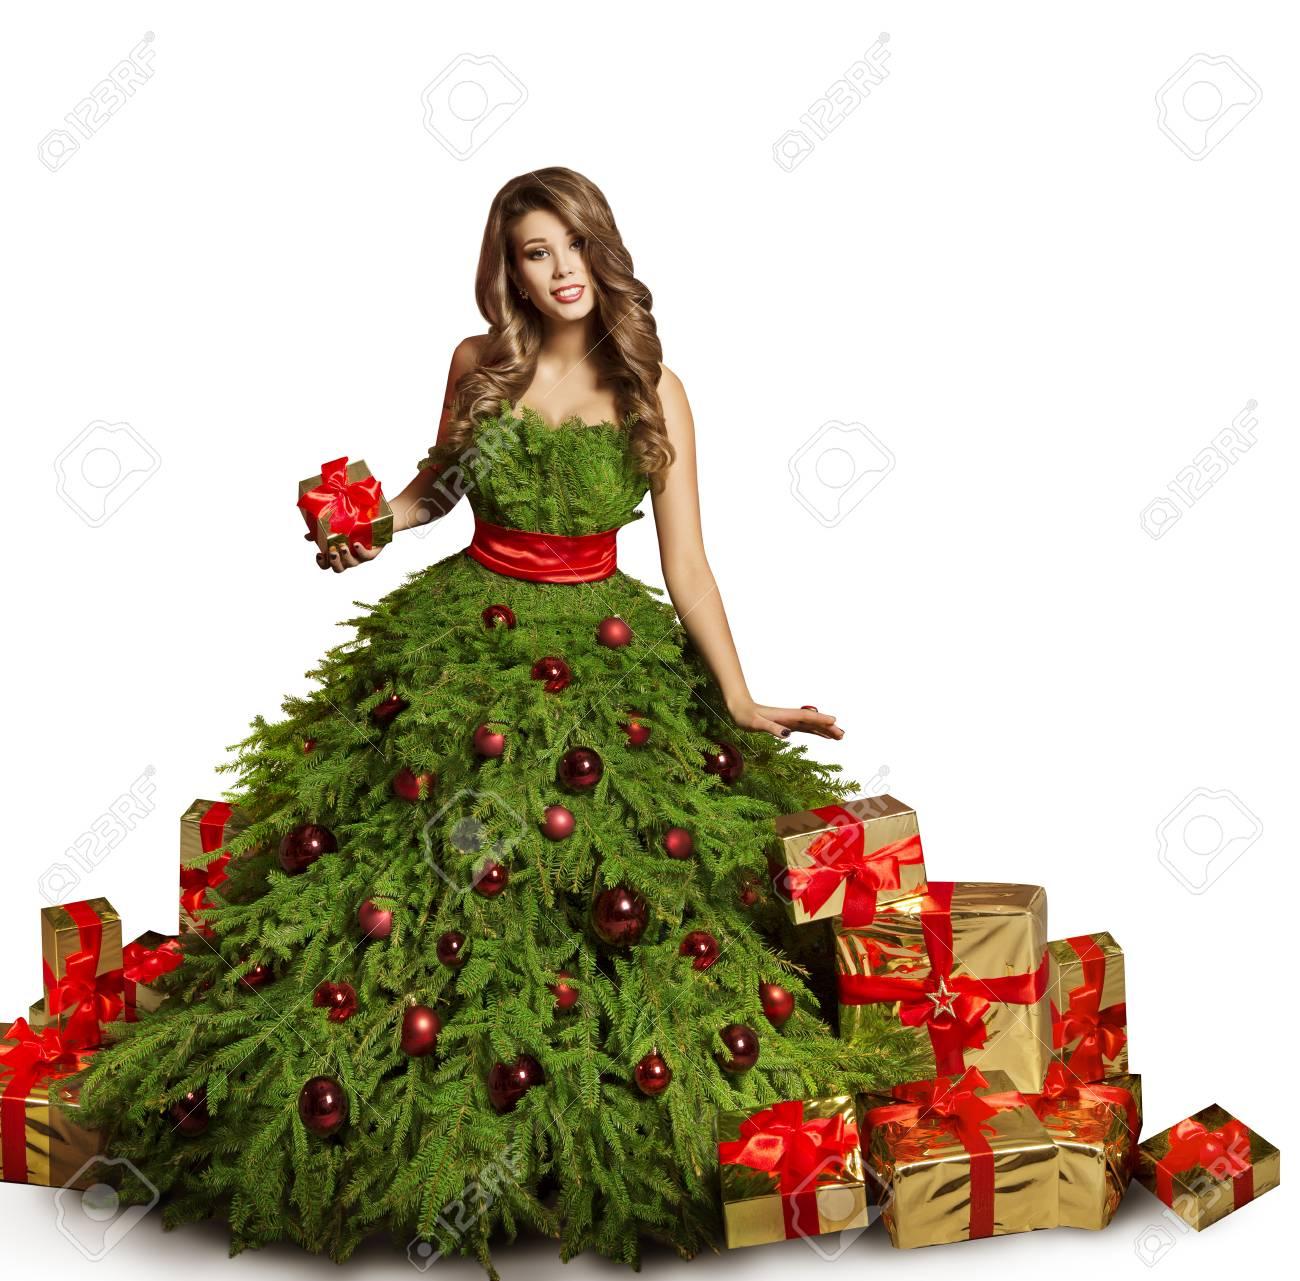 Robe De Sapin De Noel De Femme Et Presente Des Cadeaux Robe De Nouvel An Modele De Mode Isole Sur Fond Blanc Banque D Images Et Photos Libres De Droits Image 88894787